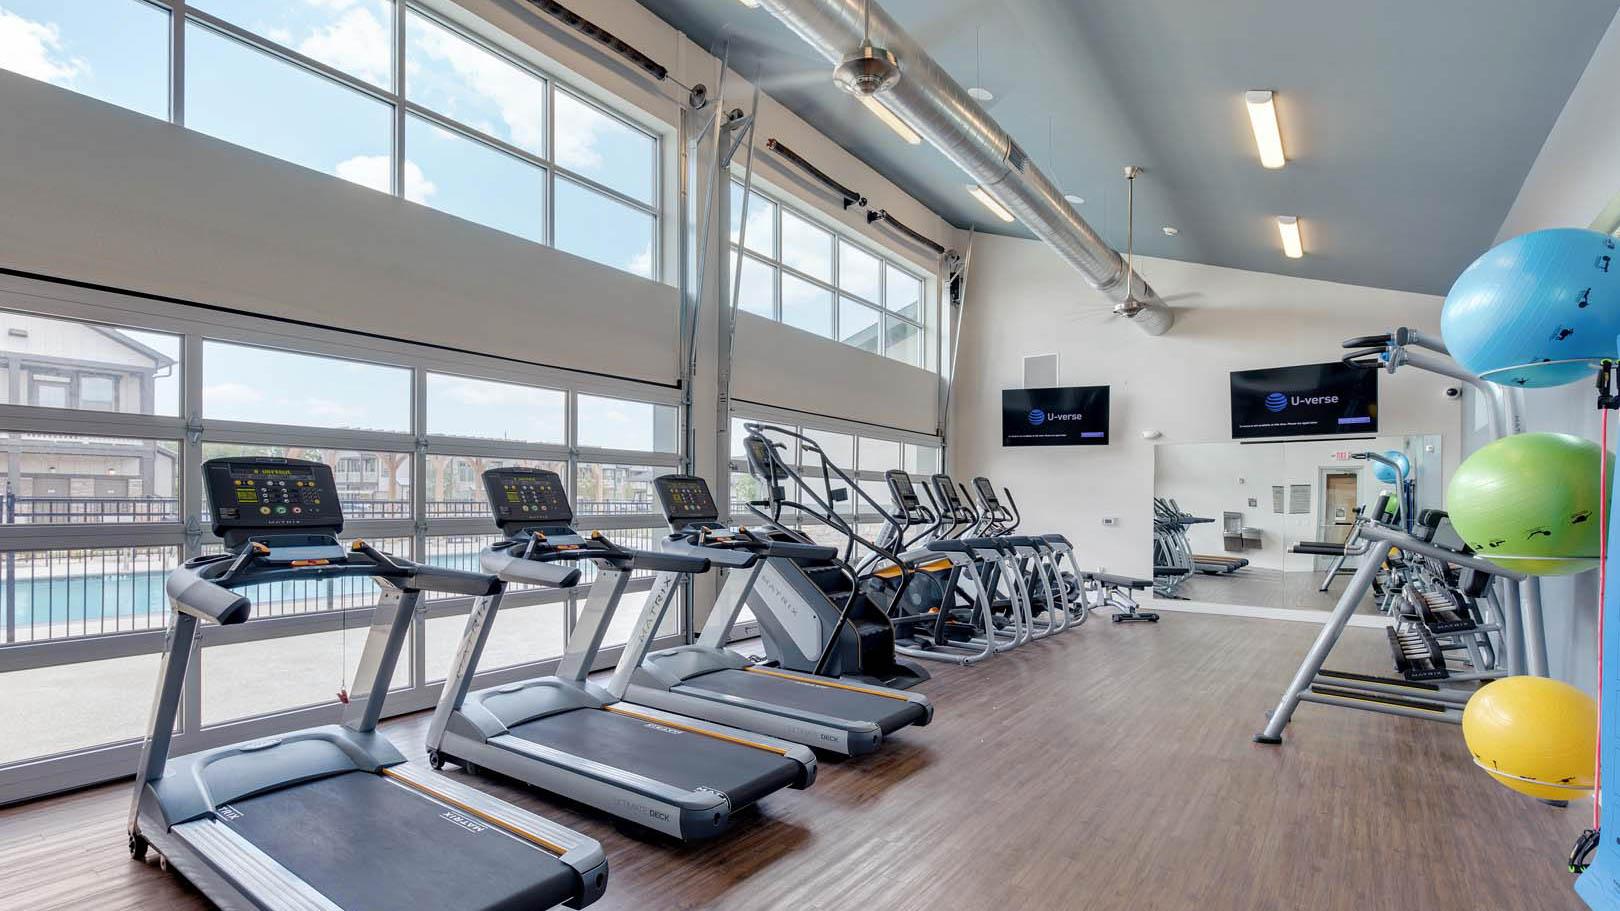 Fitness Center in Rosenberg, TX